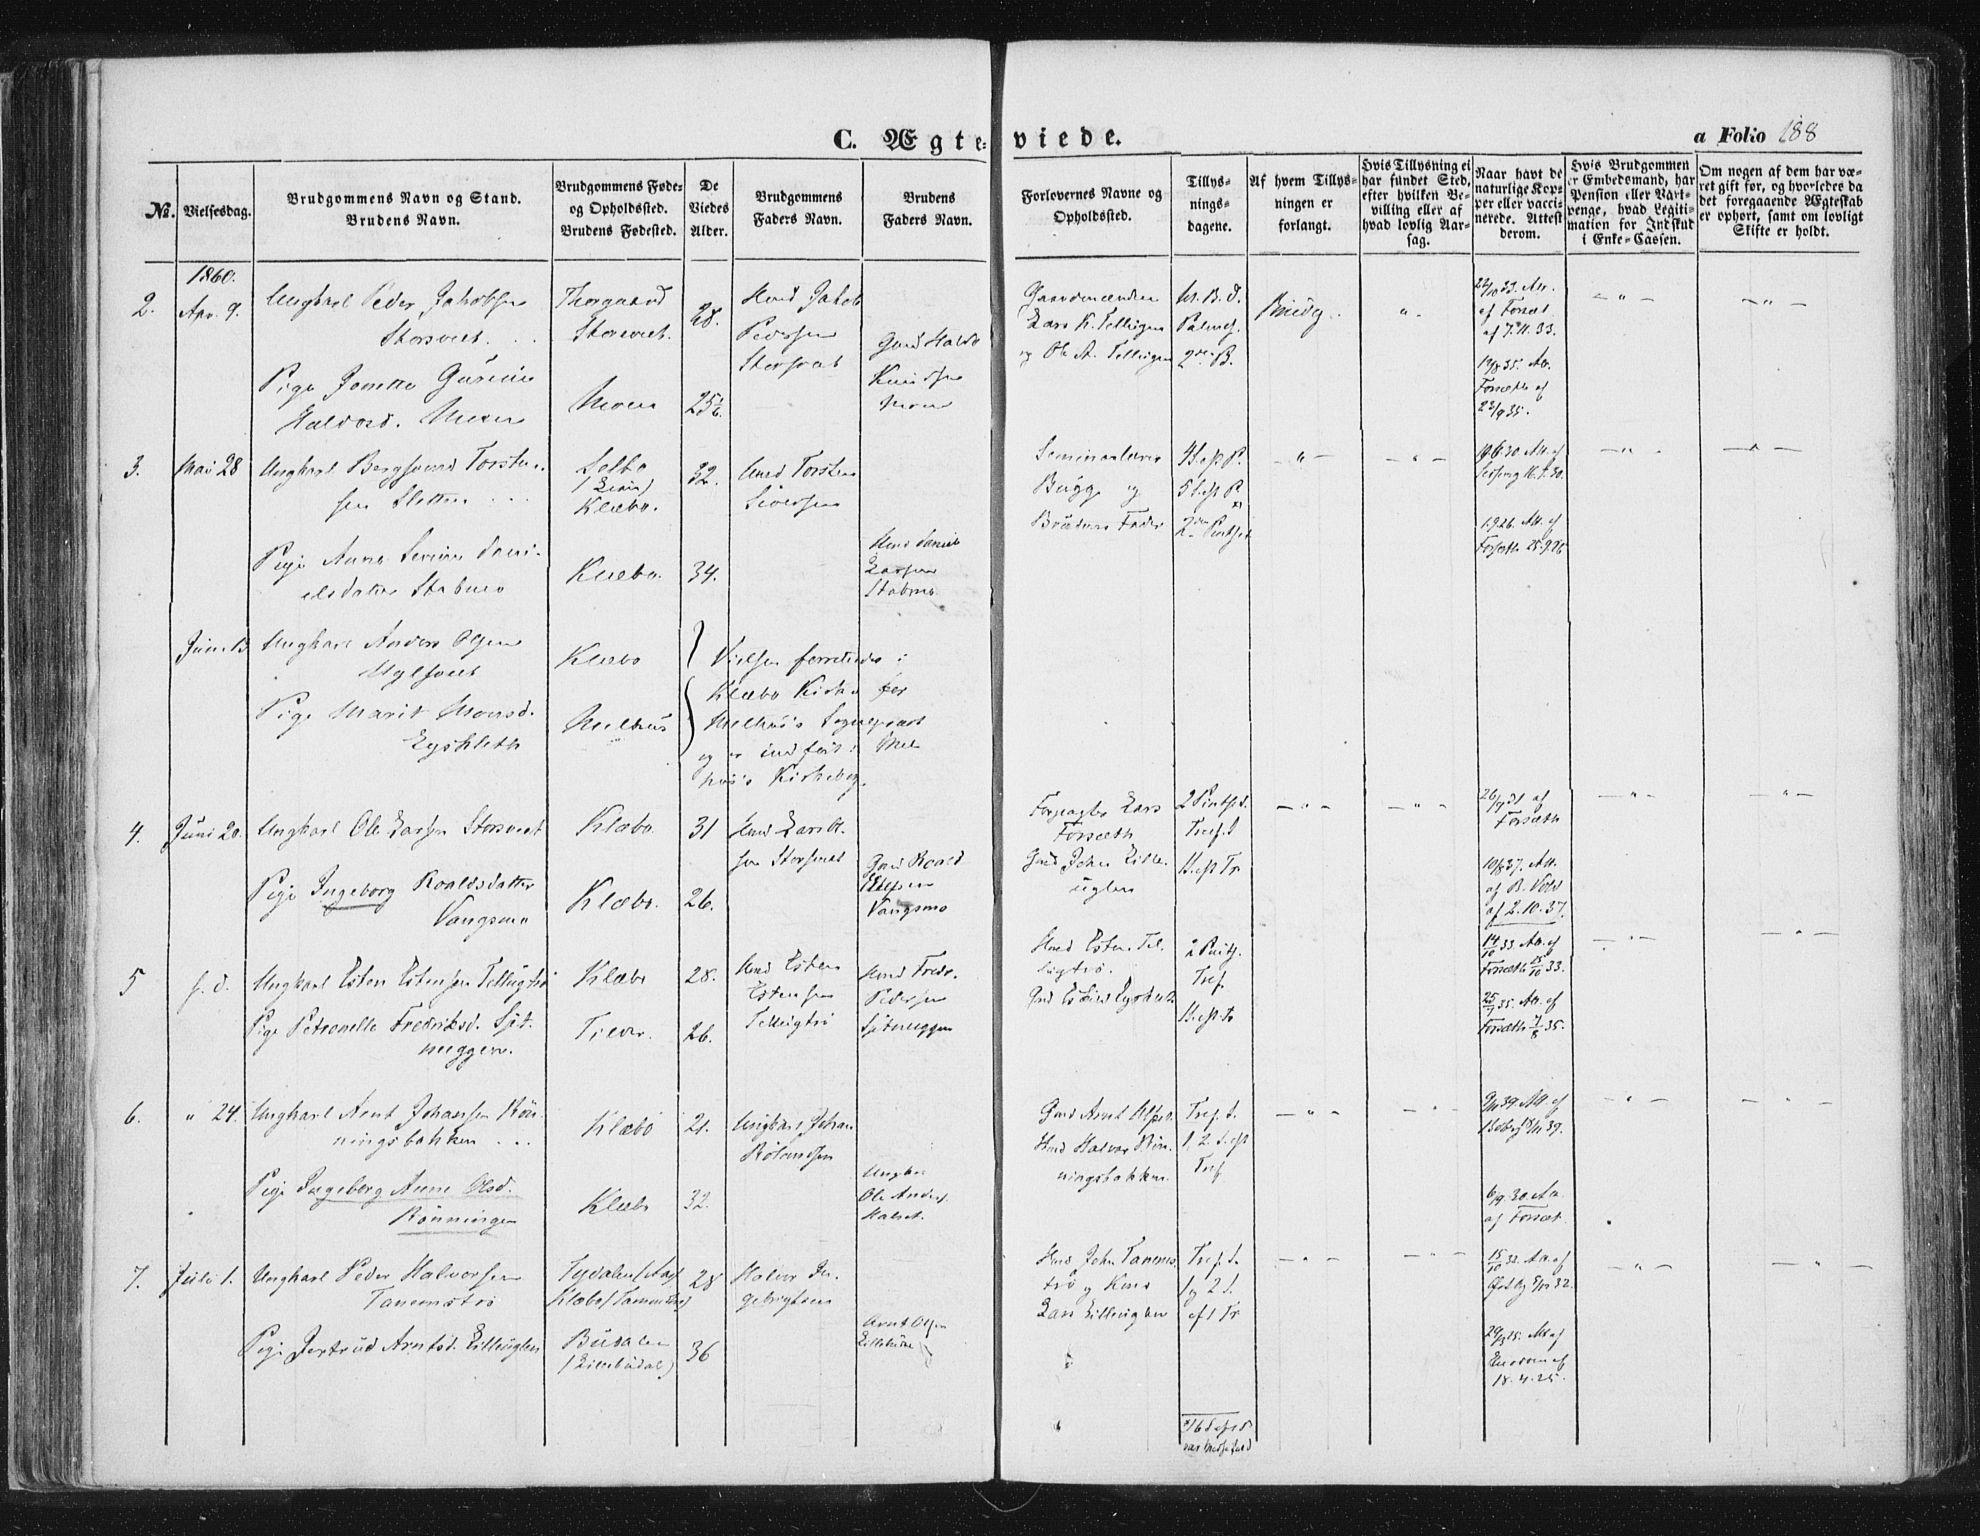 SAT, Ministerialprotokoller, klokkerbøker og fødselsregistre - Sør-Trøndelag, 618/L0441: Ministerialbok nr. 618A05, 1843-1862, s. 188